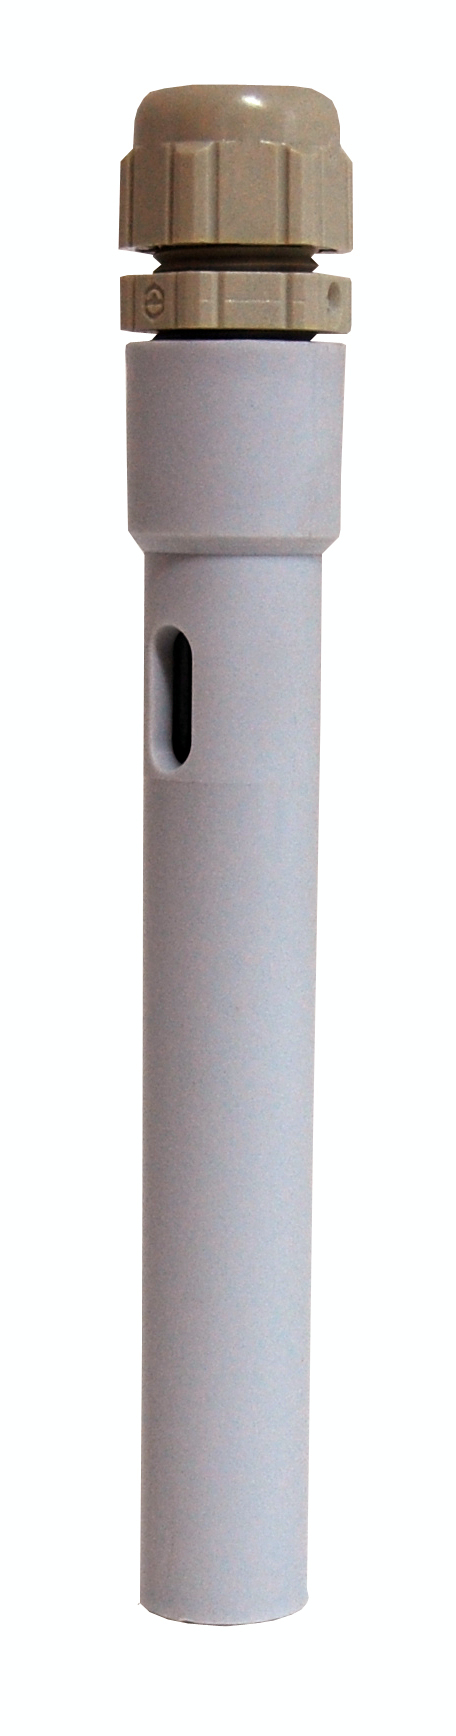 1 Stk Tauchsonde SK1 für Niveauüberwachung URL91010--